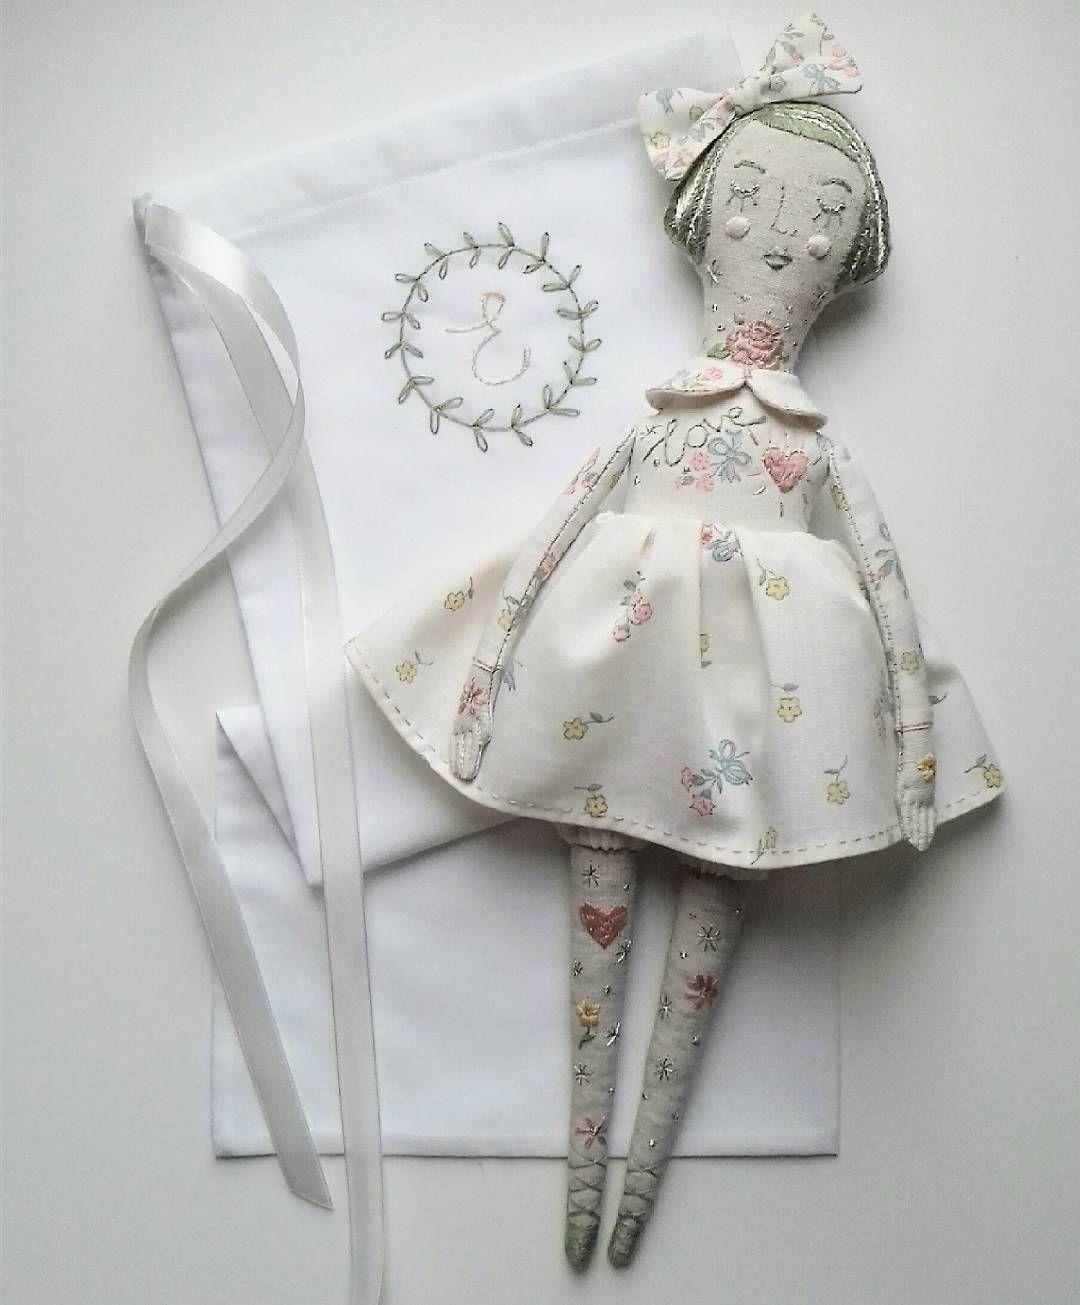 Pin de raquel sanz en muñecas   Pinterest   Muñecas y Costura